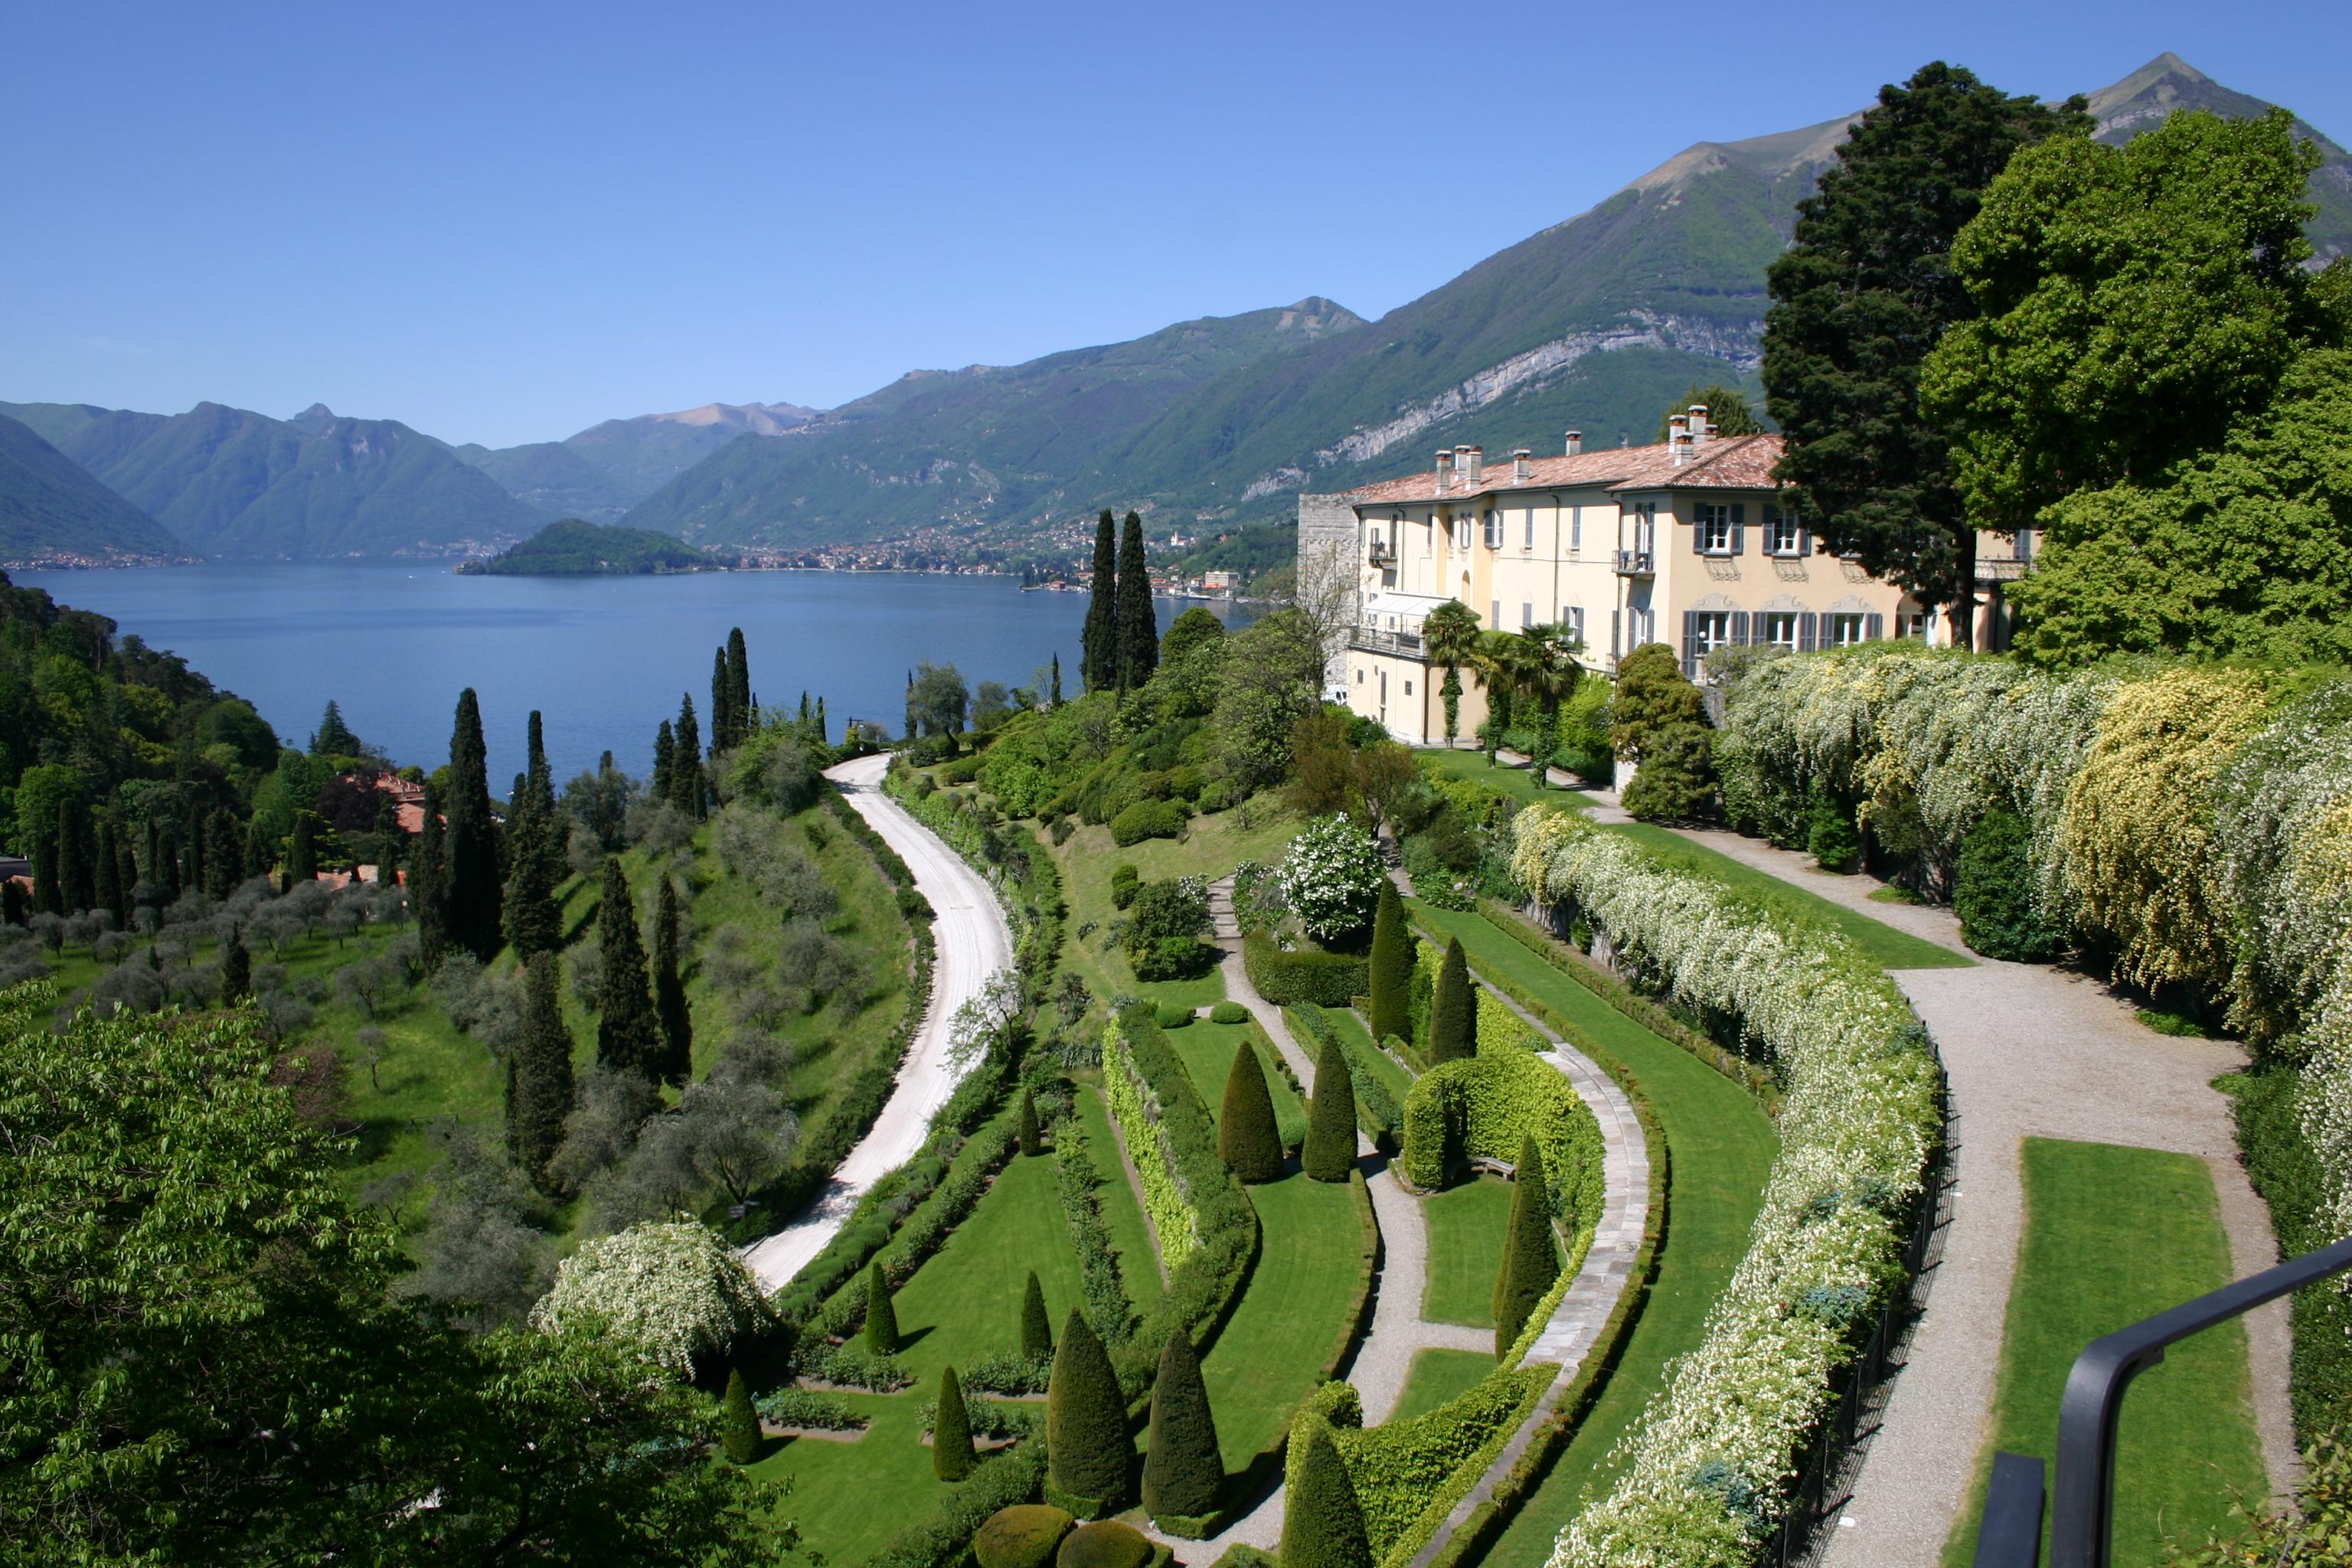 Villa serbelloni a bellagio sul lago di como residence for Lago villa del conte